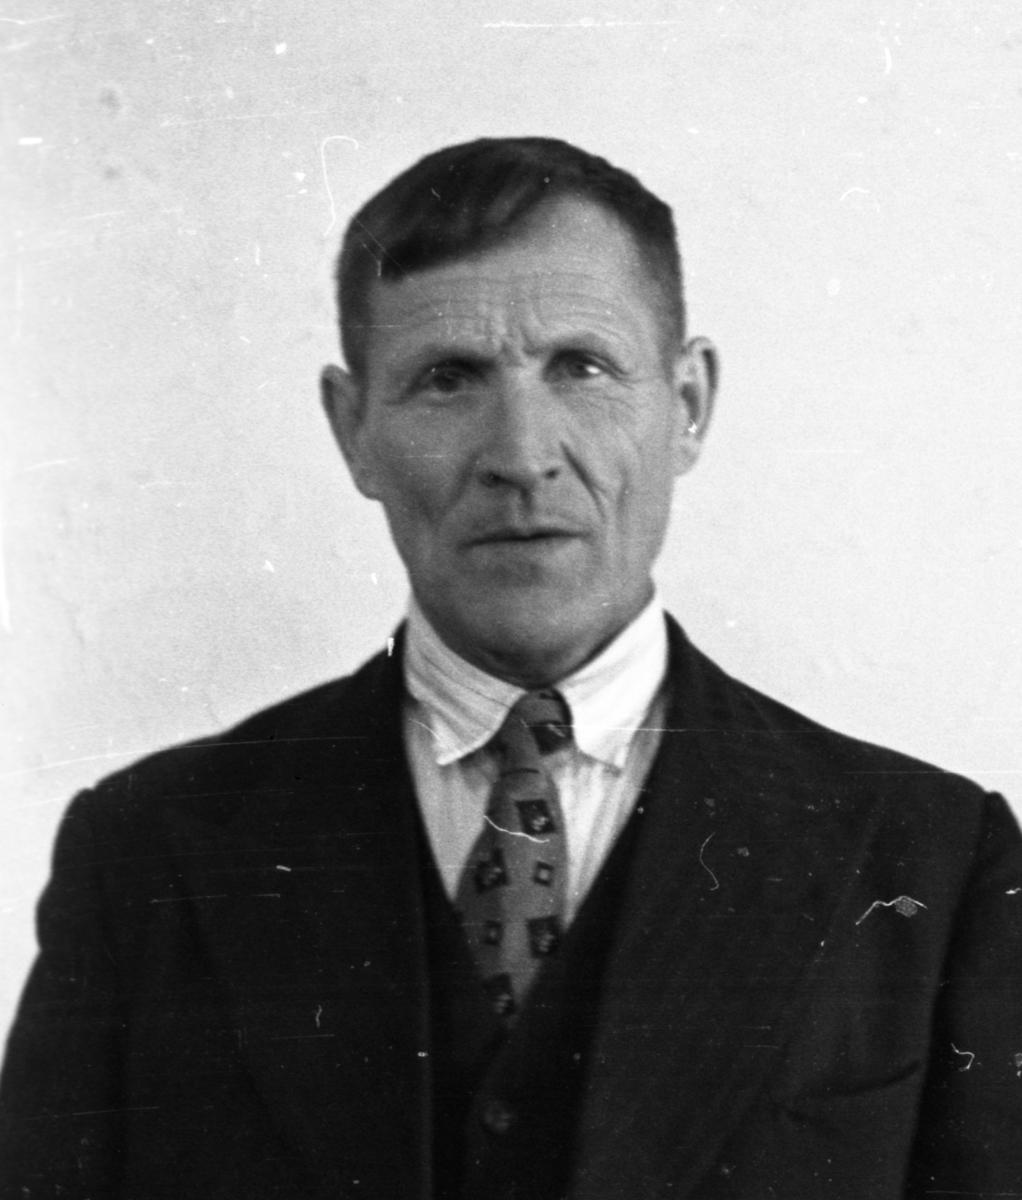 Passbilde av Knut Pålrud Haugen.